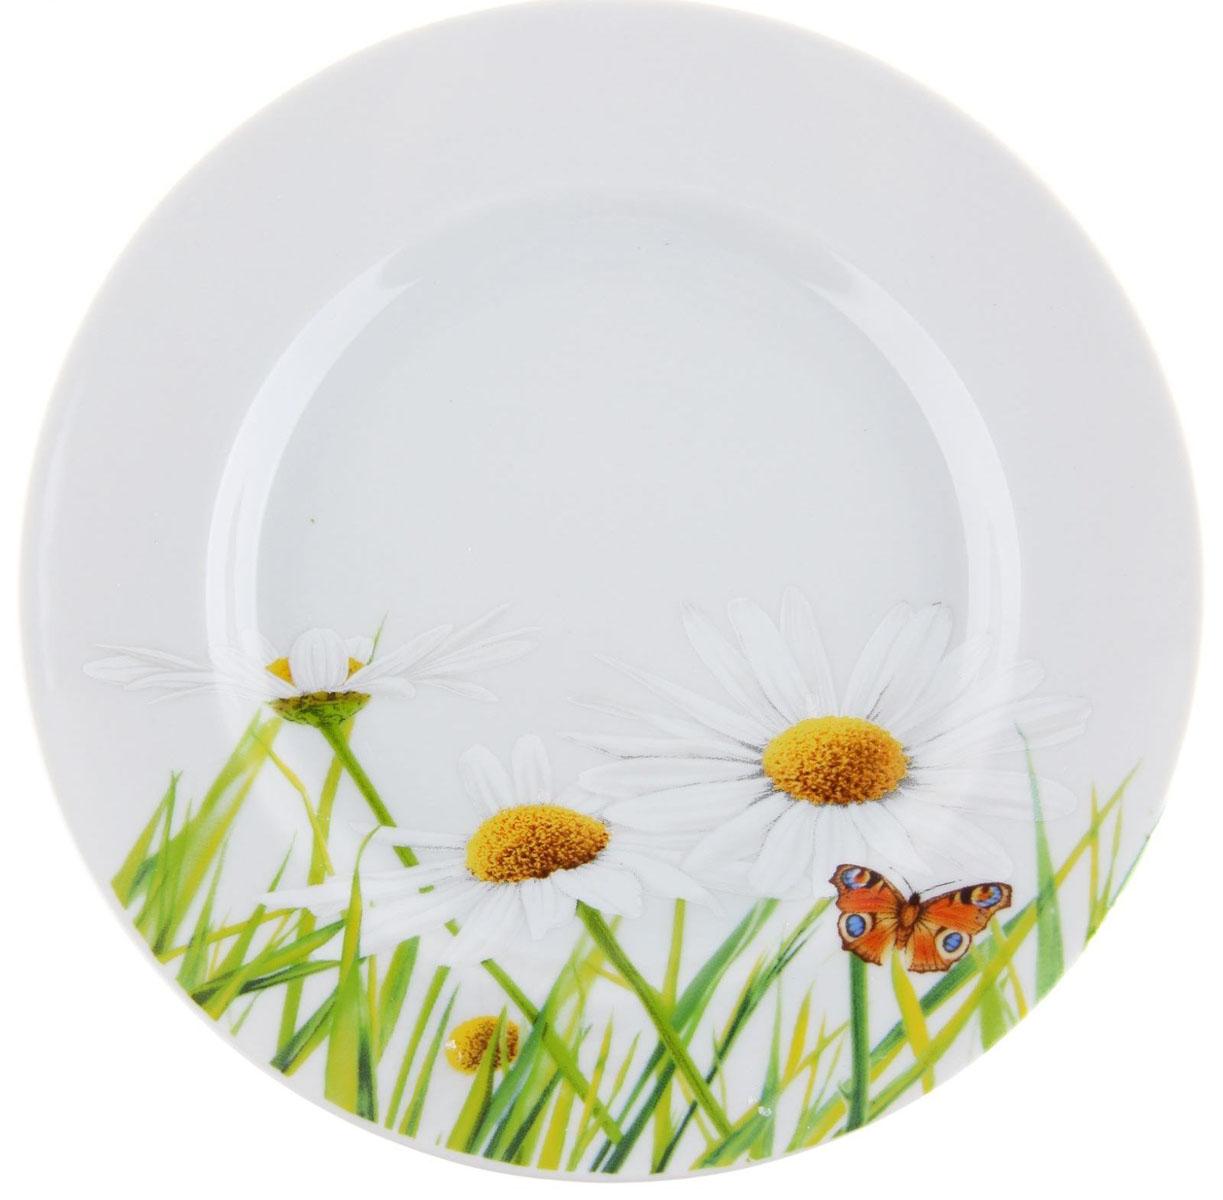 Тарелка мелкая Идиллия. Ромашка, диаметр 20 см. 5С0189 тарелка мелкая идиллия ромашка диаметр 20 см 5с0189